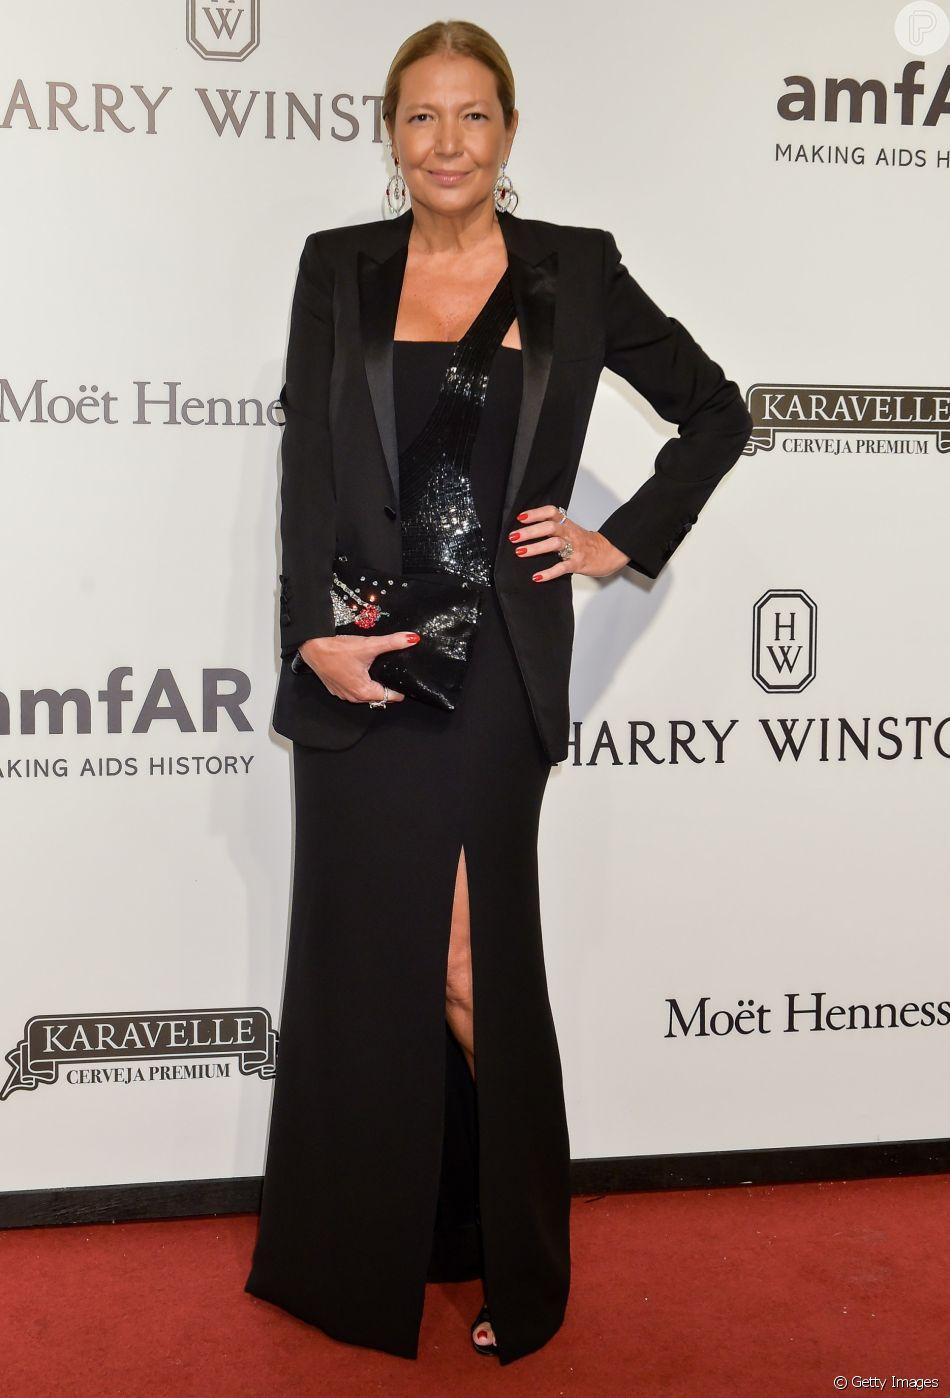 Donata Meirelles era Diretora de Estilo da revista Vogue Brasil há 7 anos